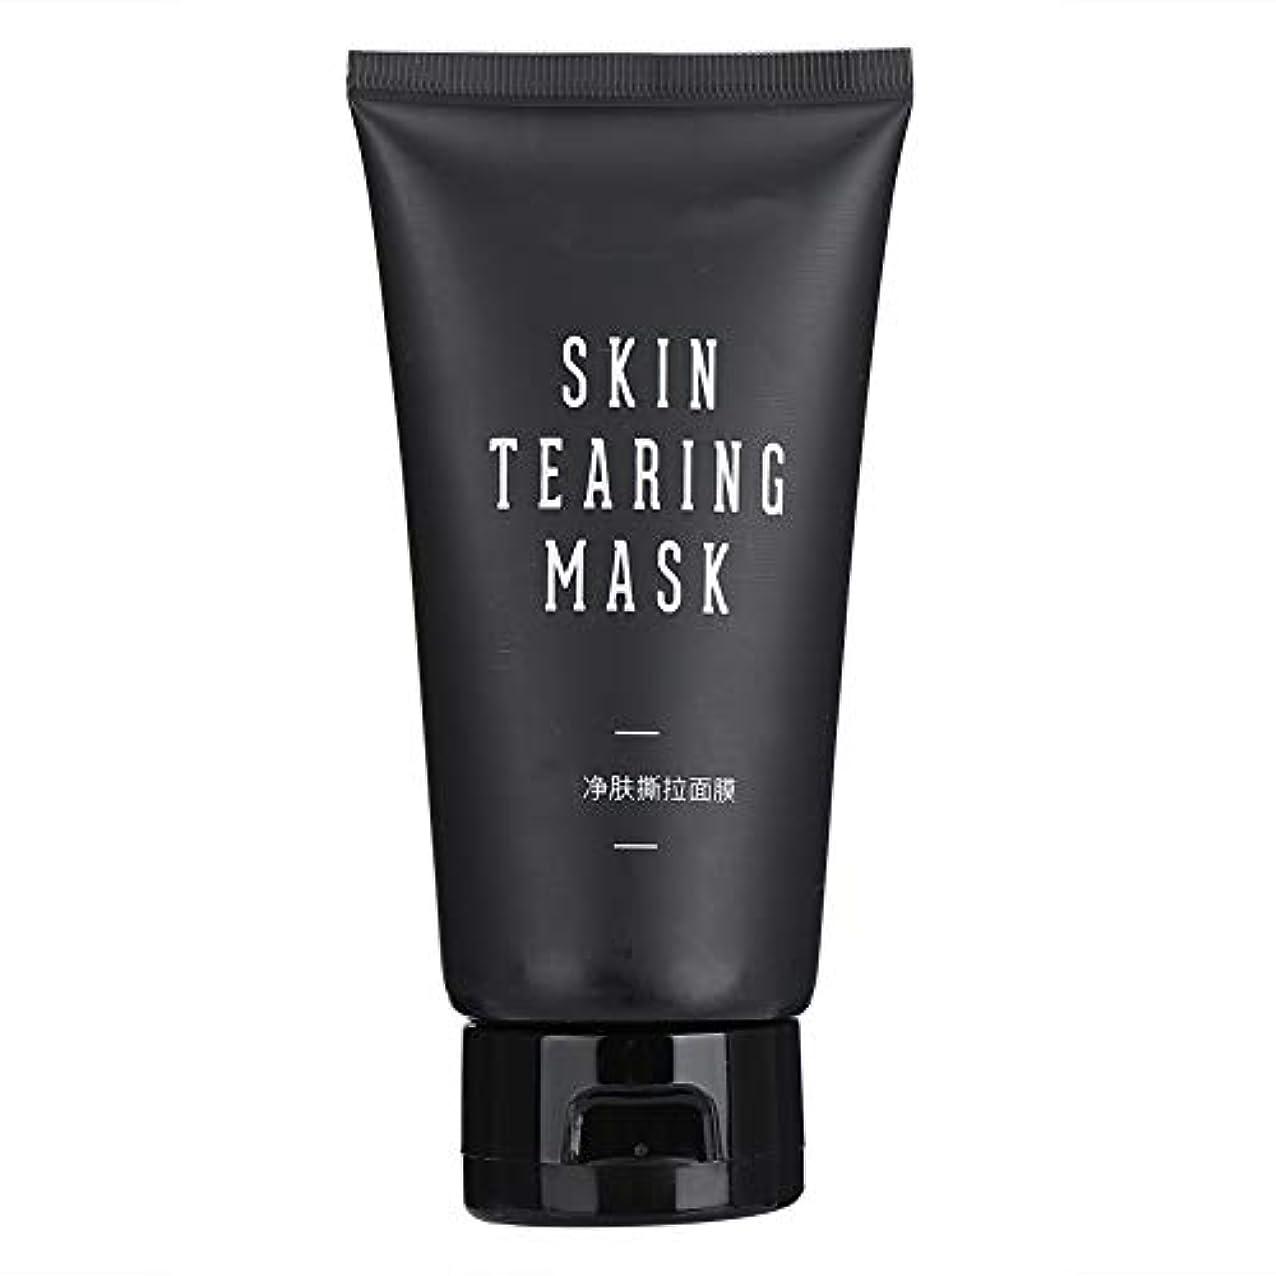 面マウンド朝ごはん角質除去クレンジングマスク、にきびの除去角質除去マスク、ポロスクリーニングアスコットの修復 - 80 g